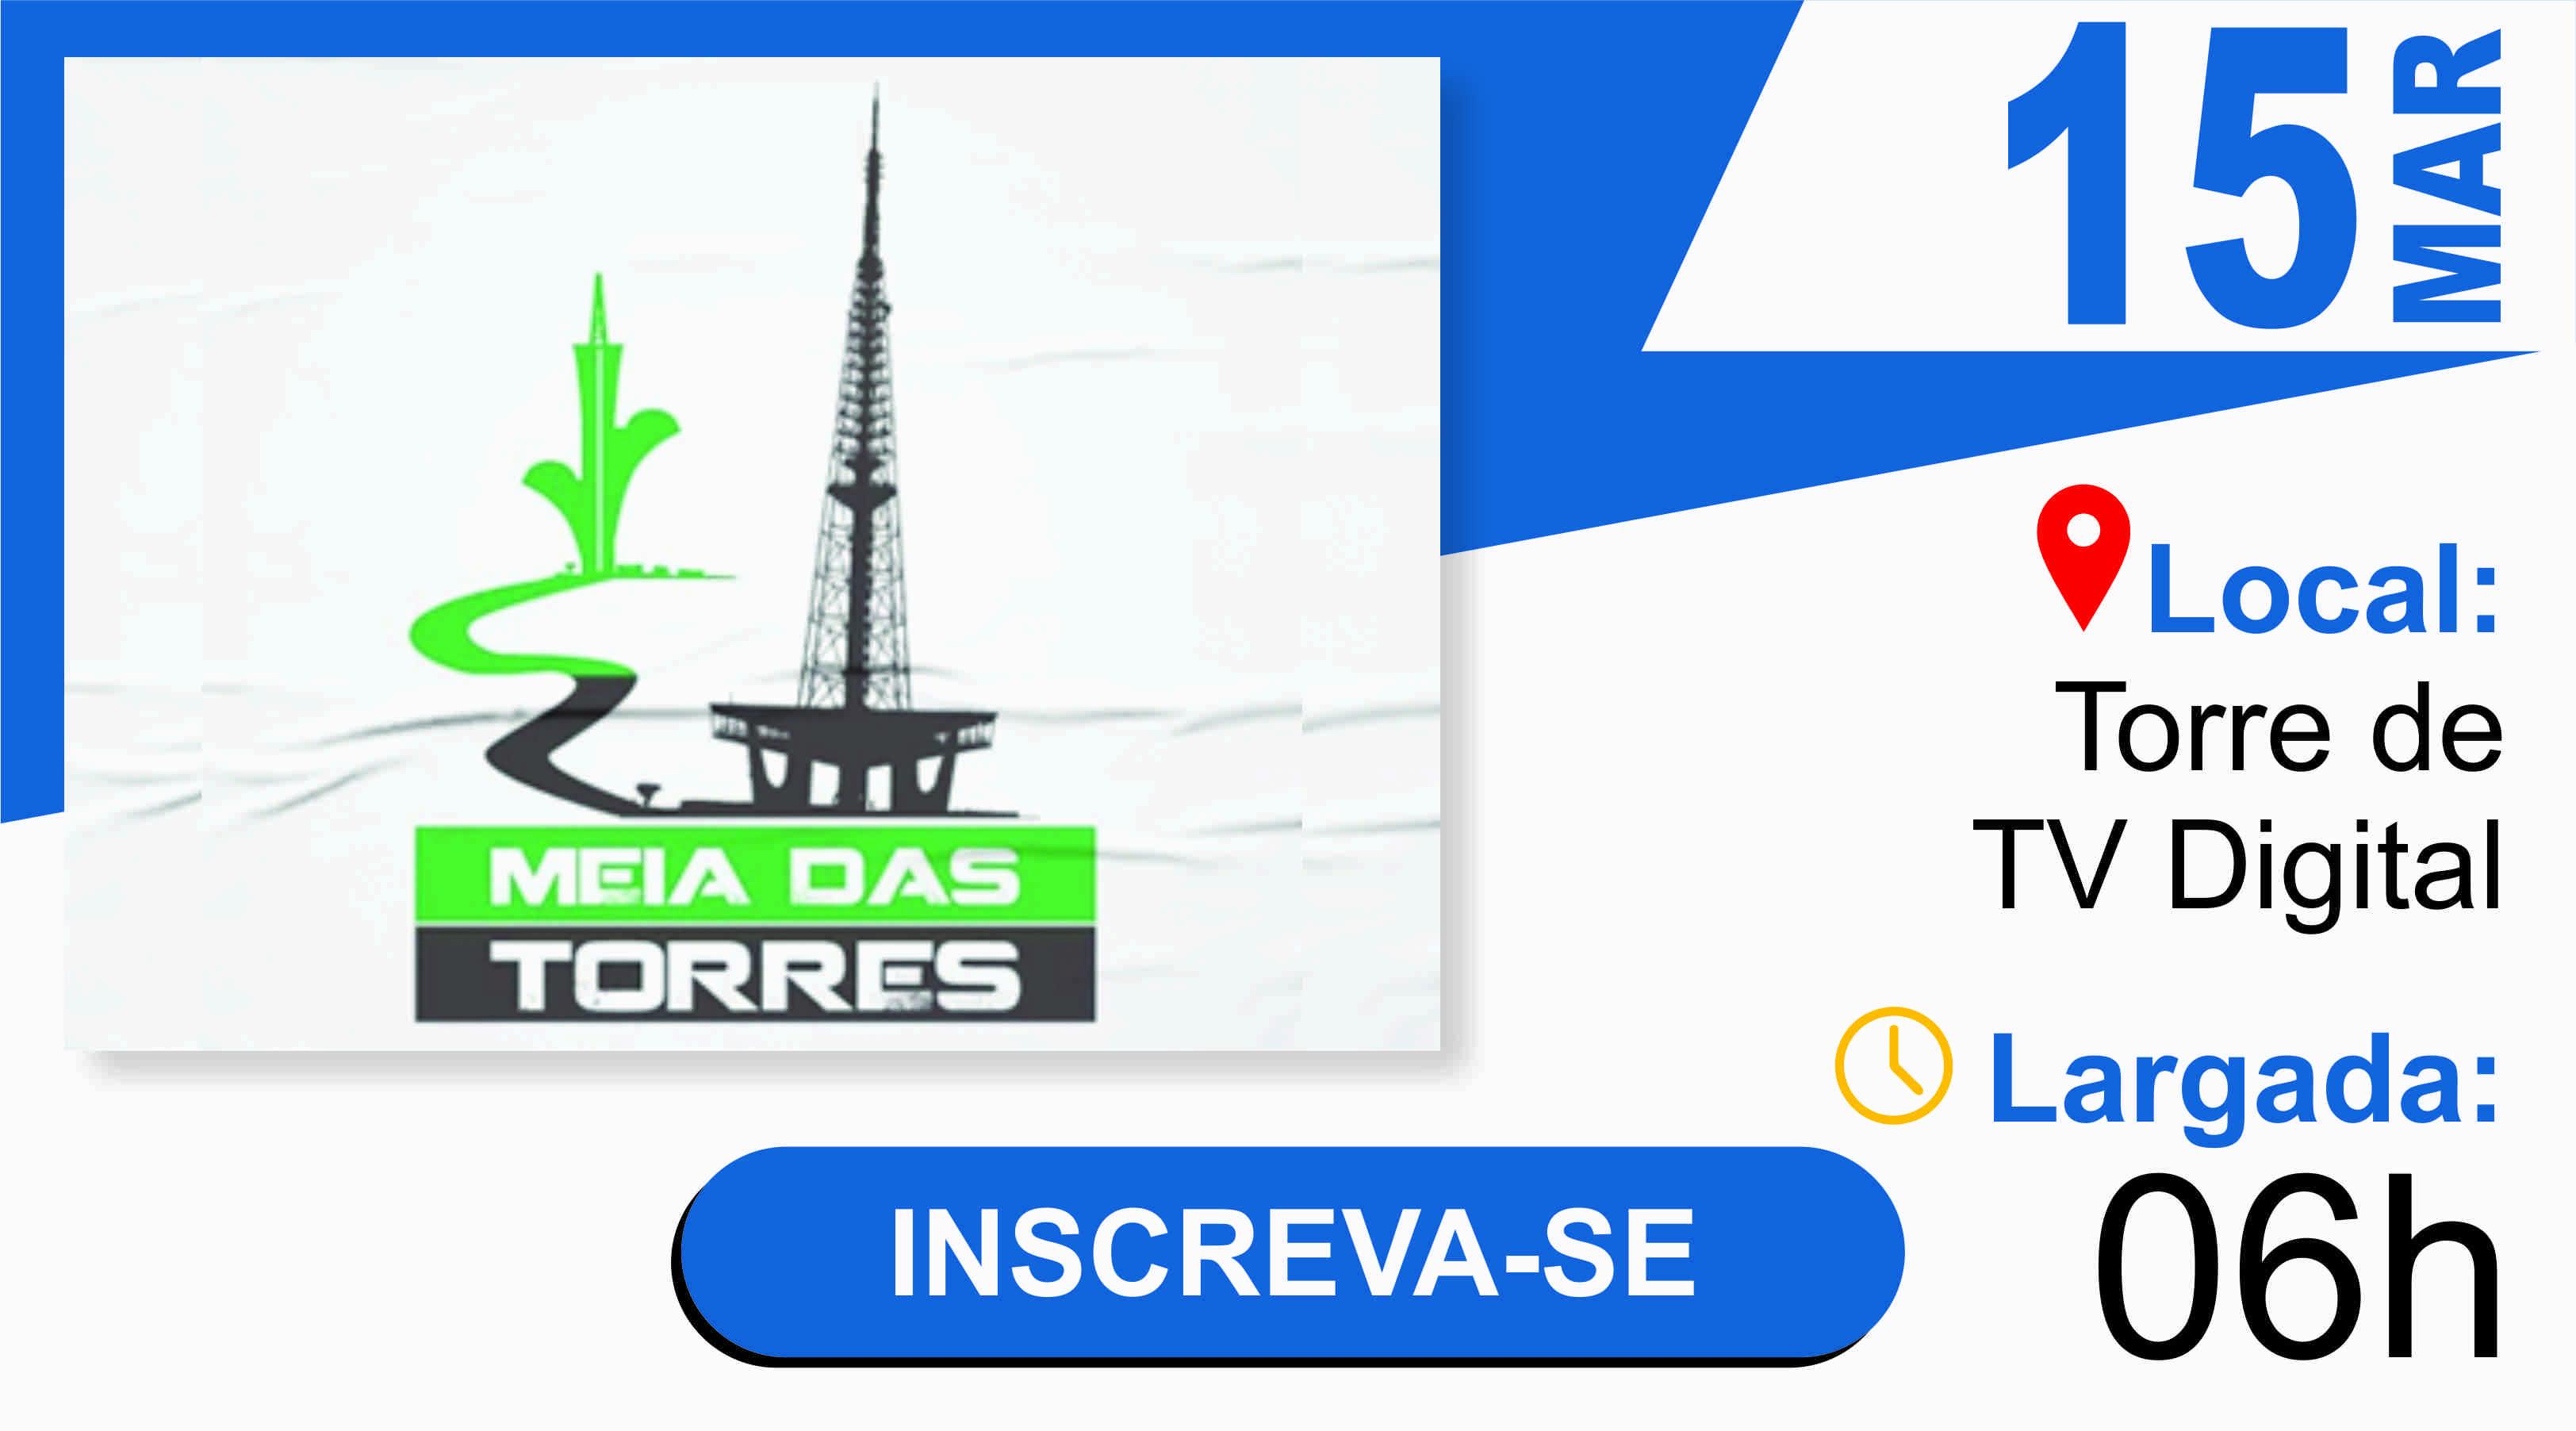 Meia_das_torres_2020_Adesivos_Esportivos